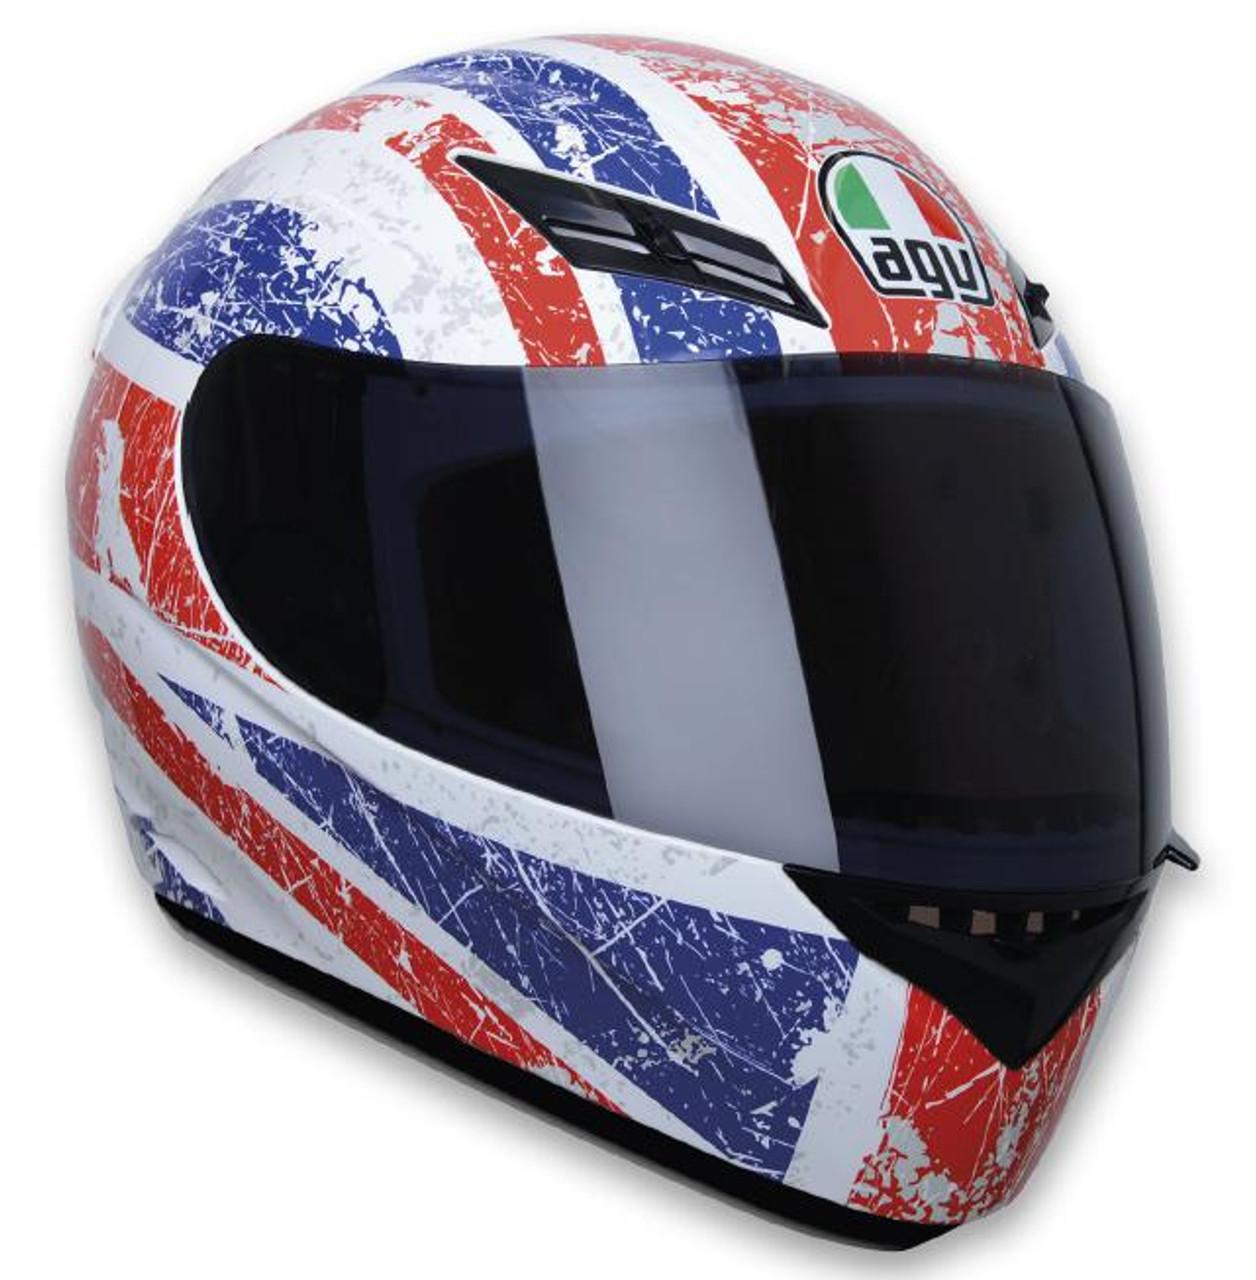 AGV K3 Union Jacket Full Face Helmet